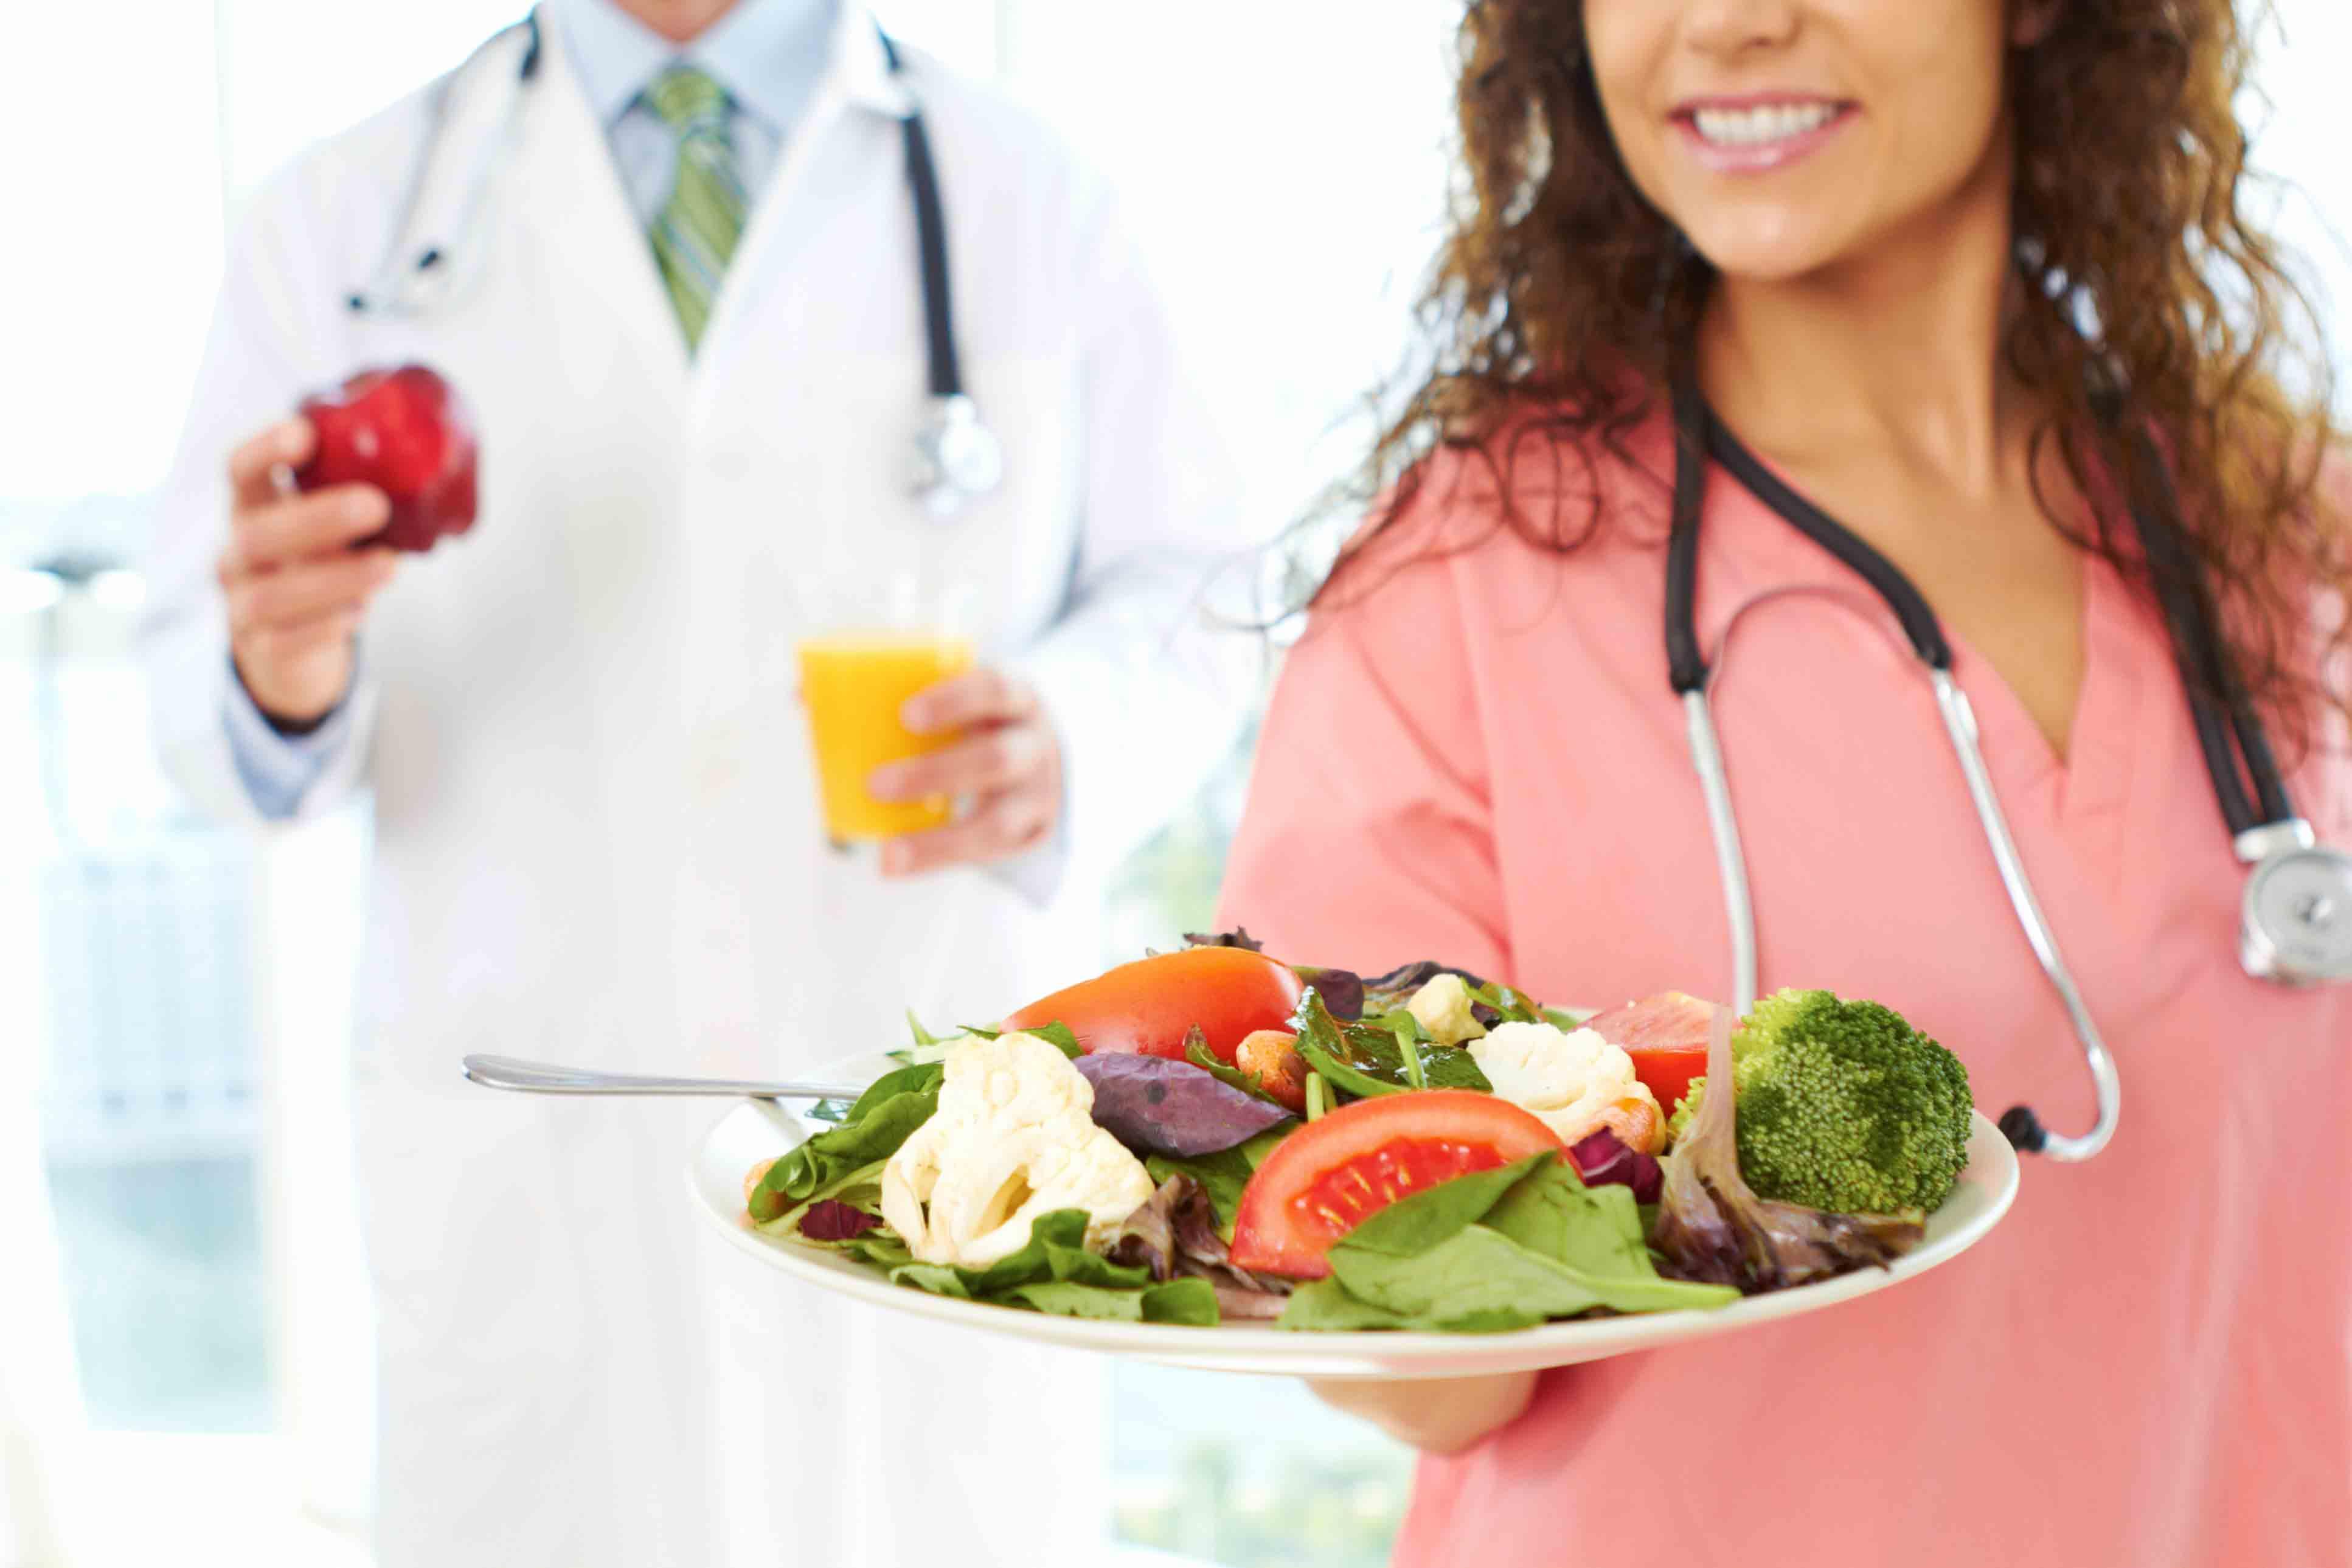 1dbff3697 ... denných porcií ovocia a zeleniny V období zvýšeného výskytu chorôb  navýšte príjem vitamínu C, zinku, môžete do jedálnička zaradiť napríklad  echinaceu, ...